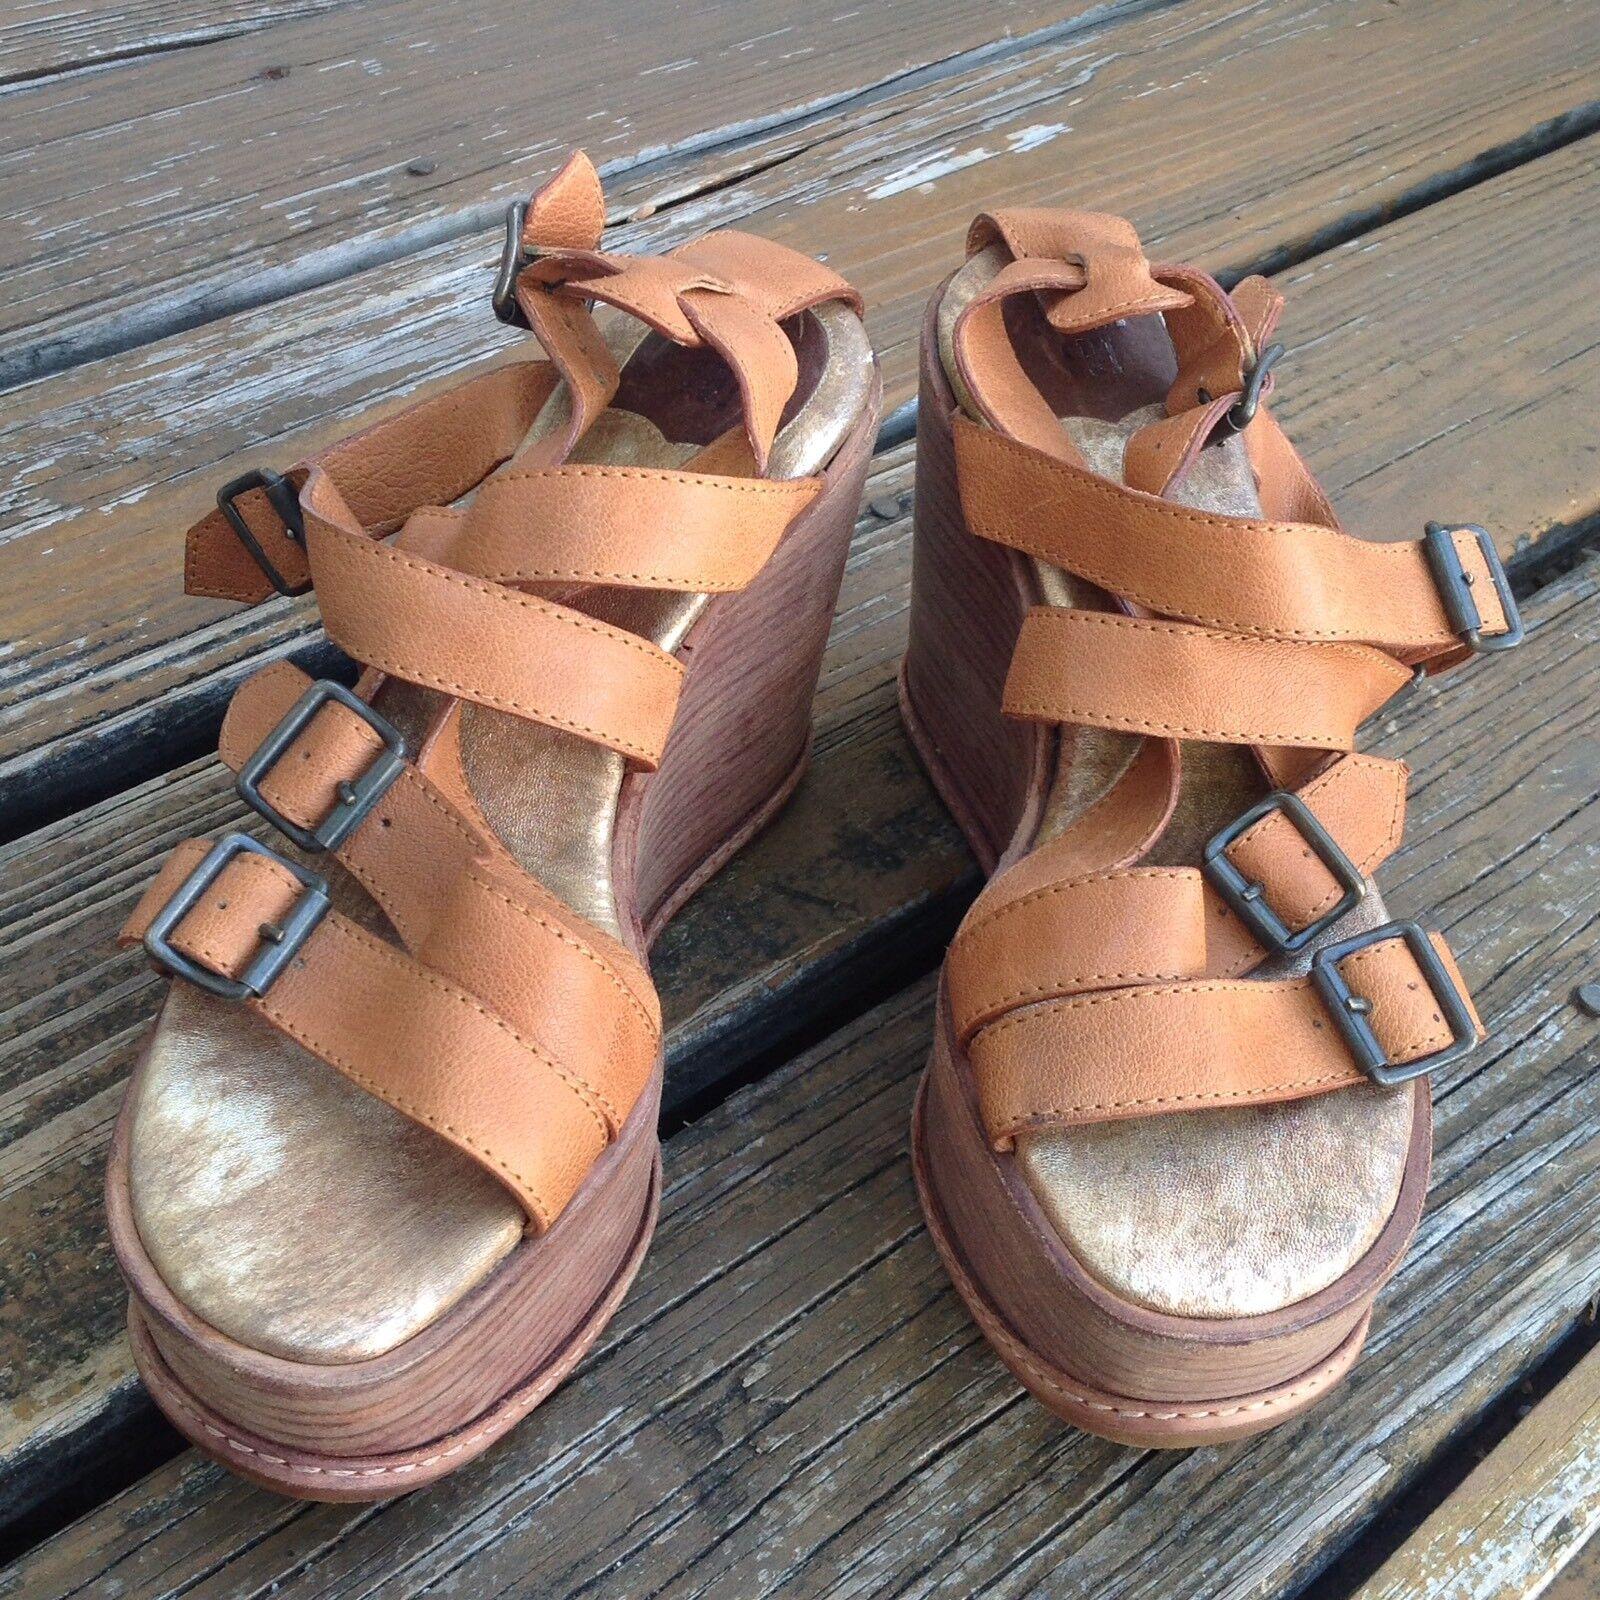 Anna SUI Marrón Cuero Sandalias De Cuña Con Plataforma Puntera Abierta UE 38 Zapatos para mujer